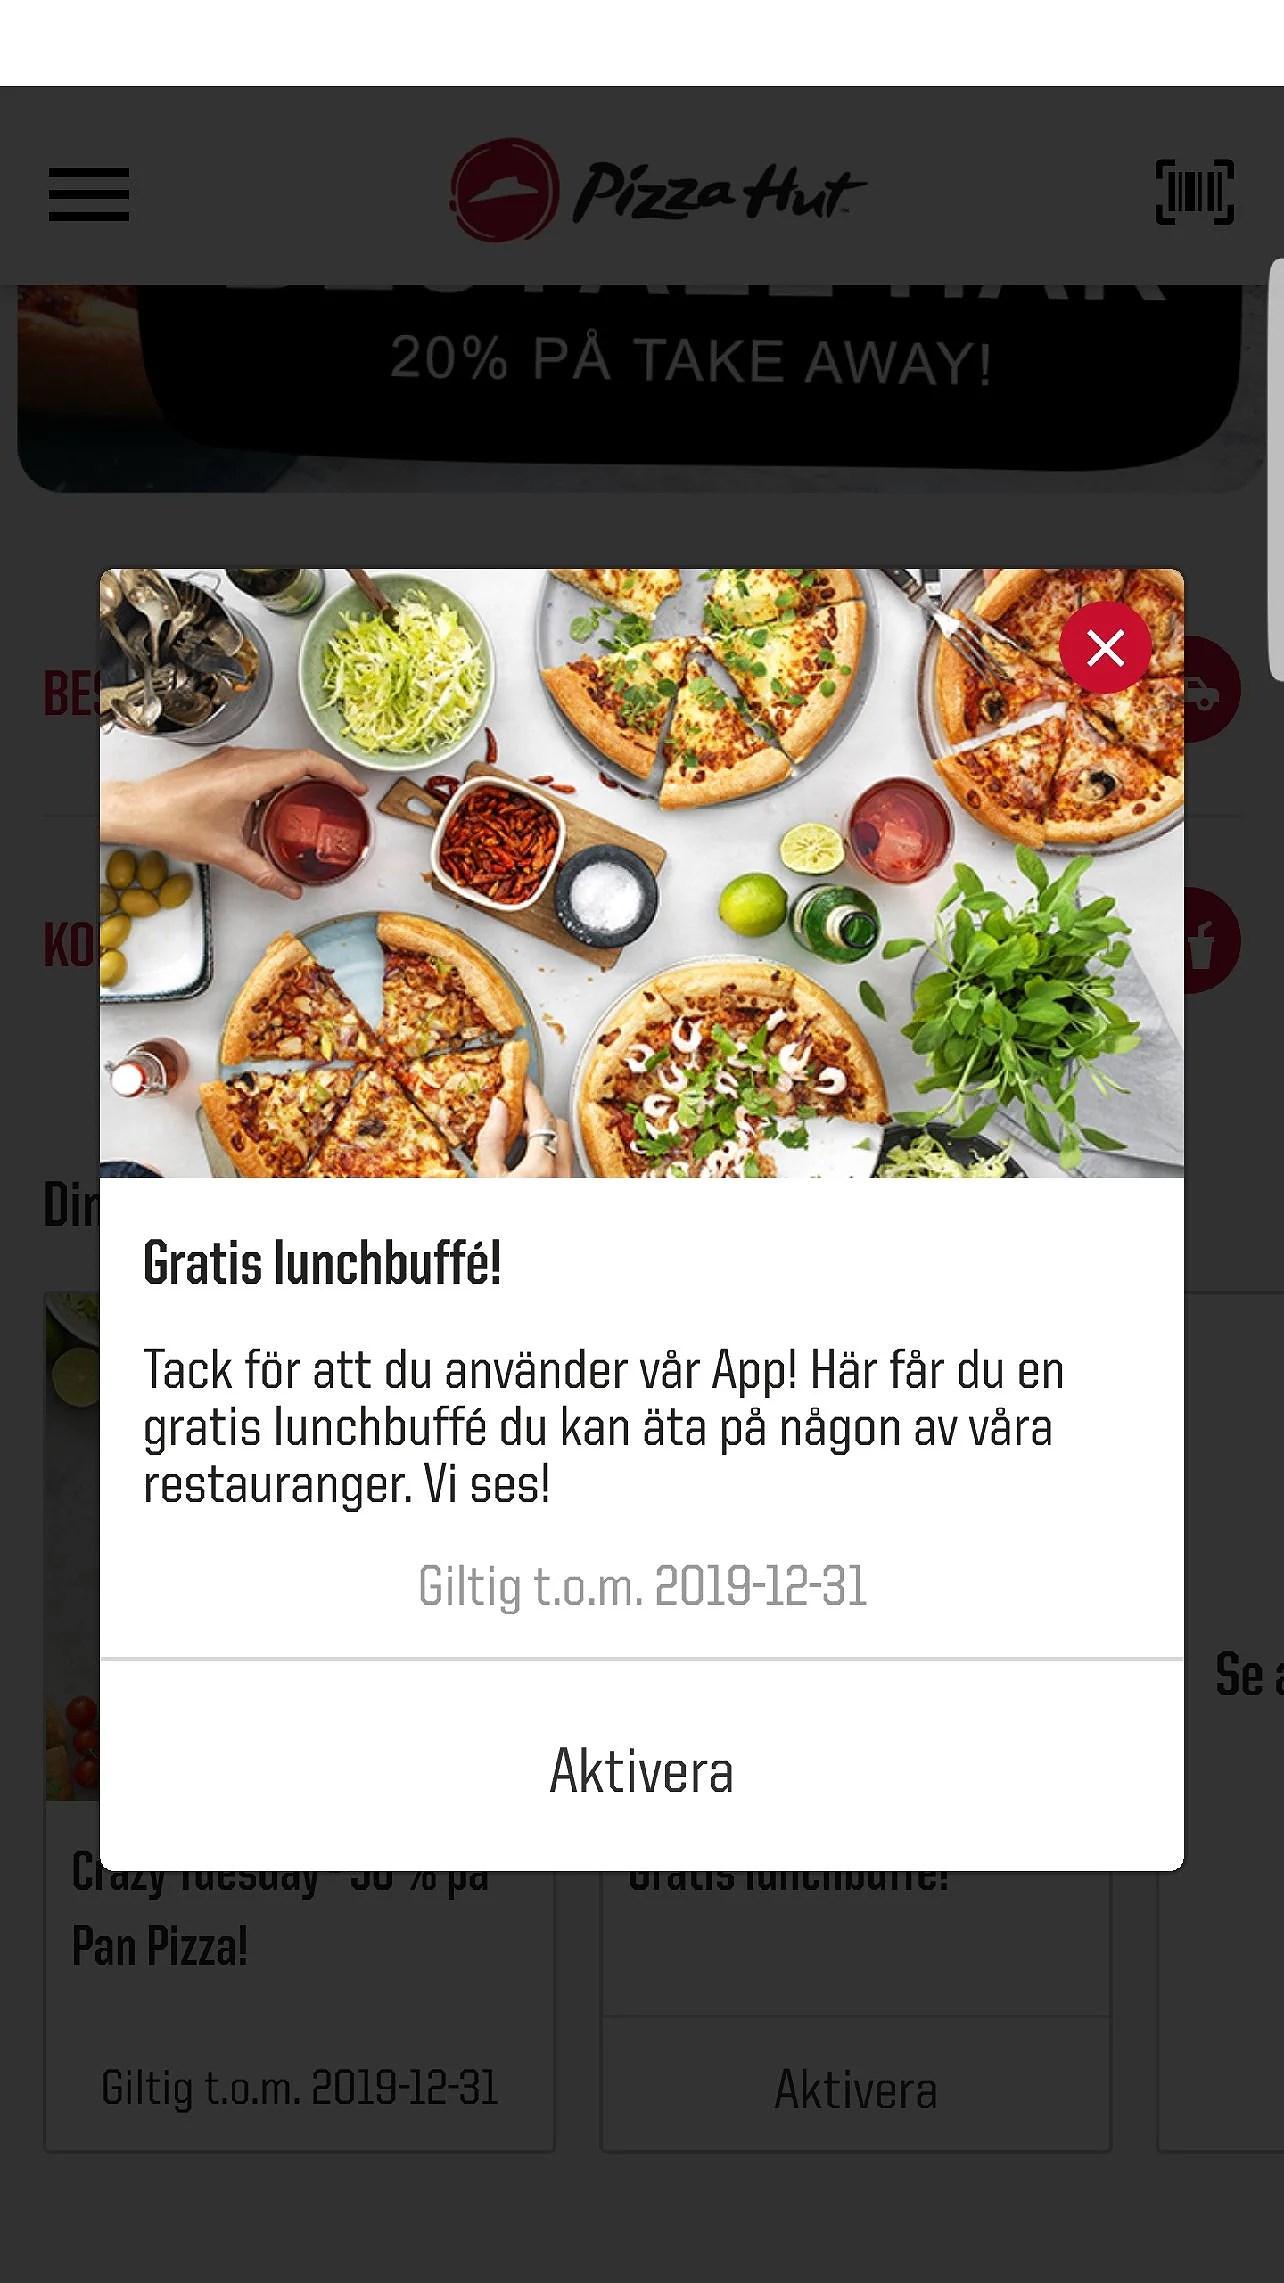 Gratis lunchbuffé på Pizza Hut